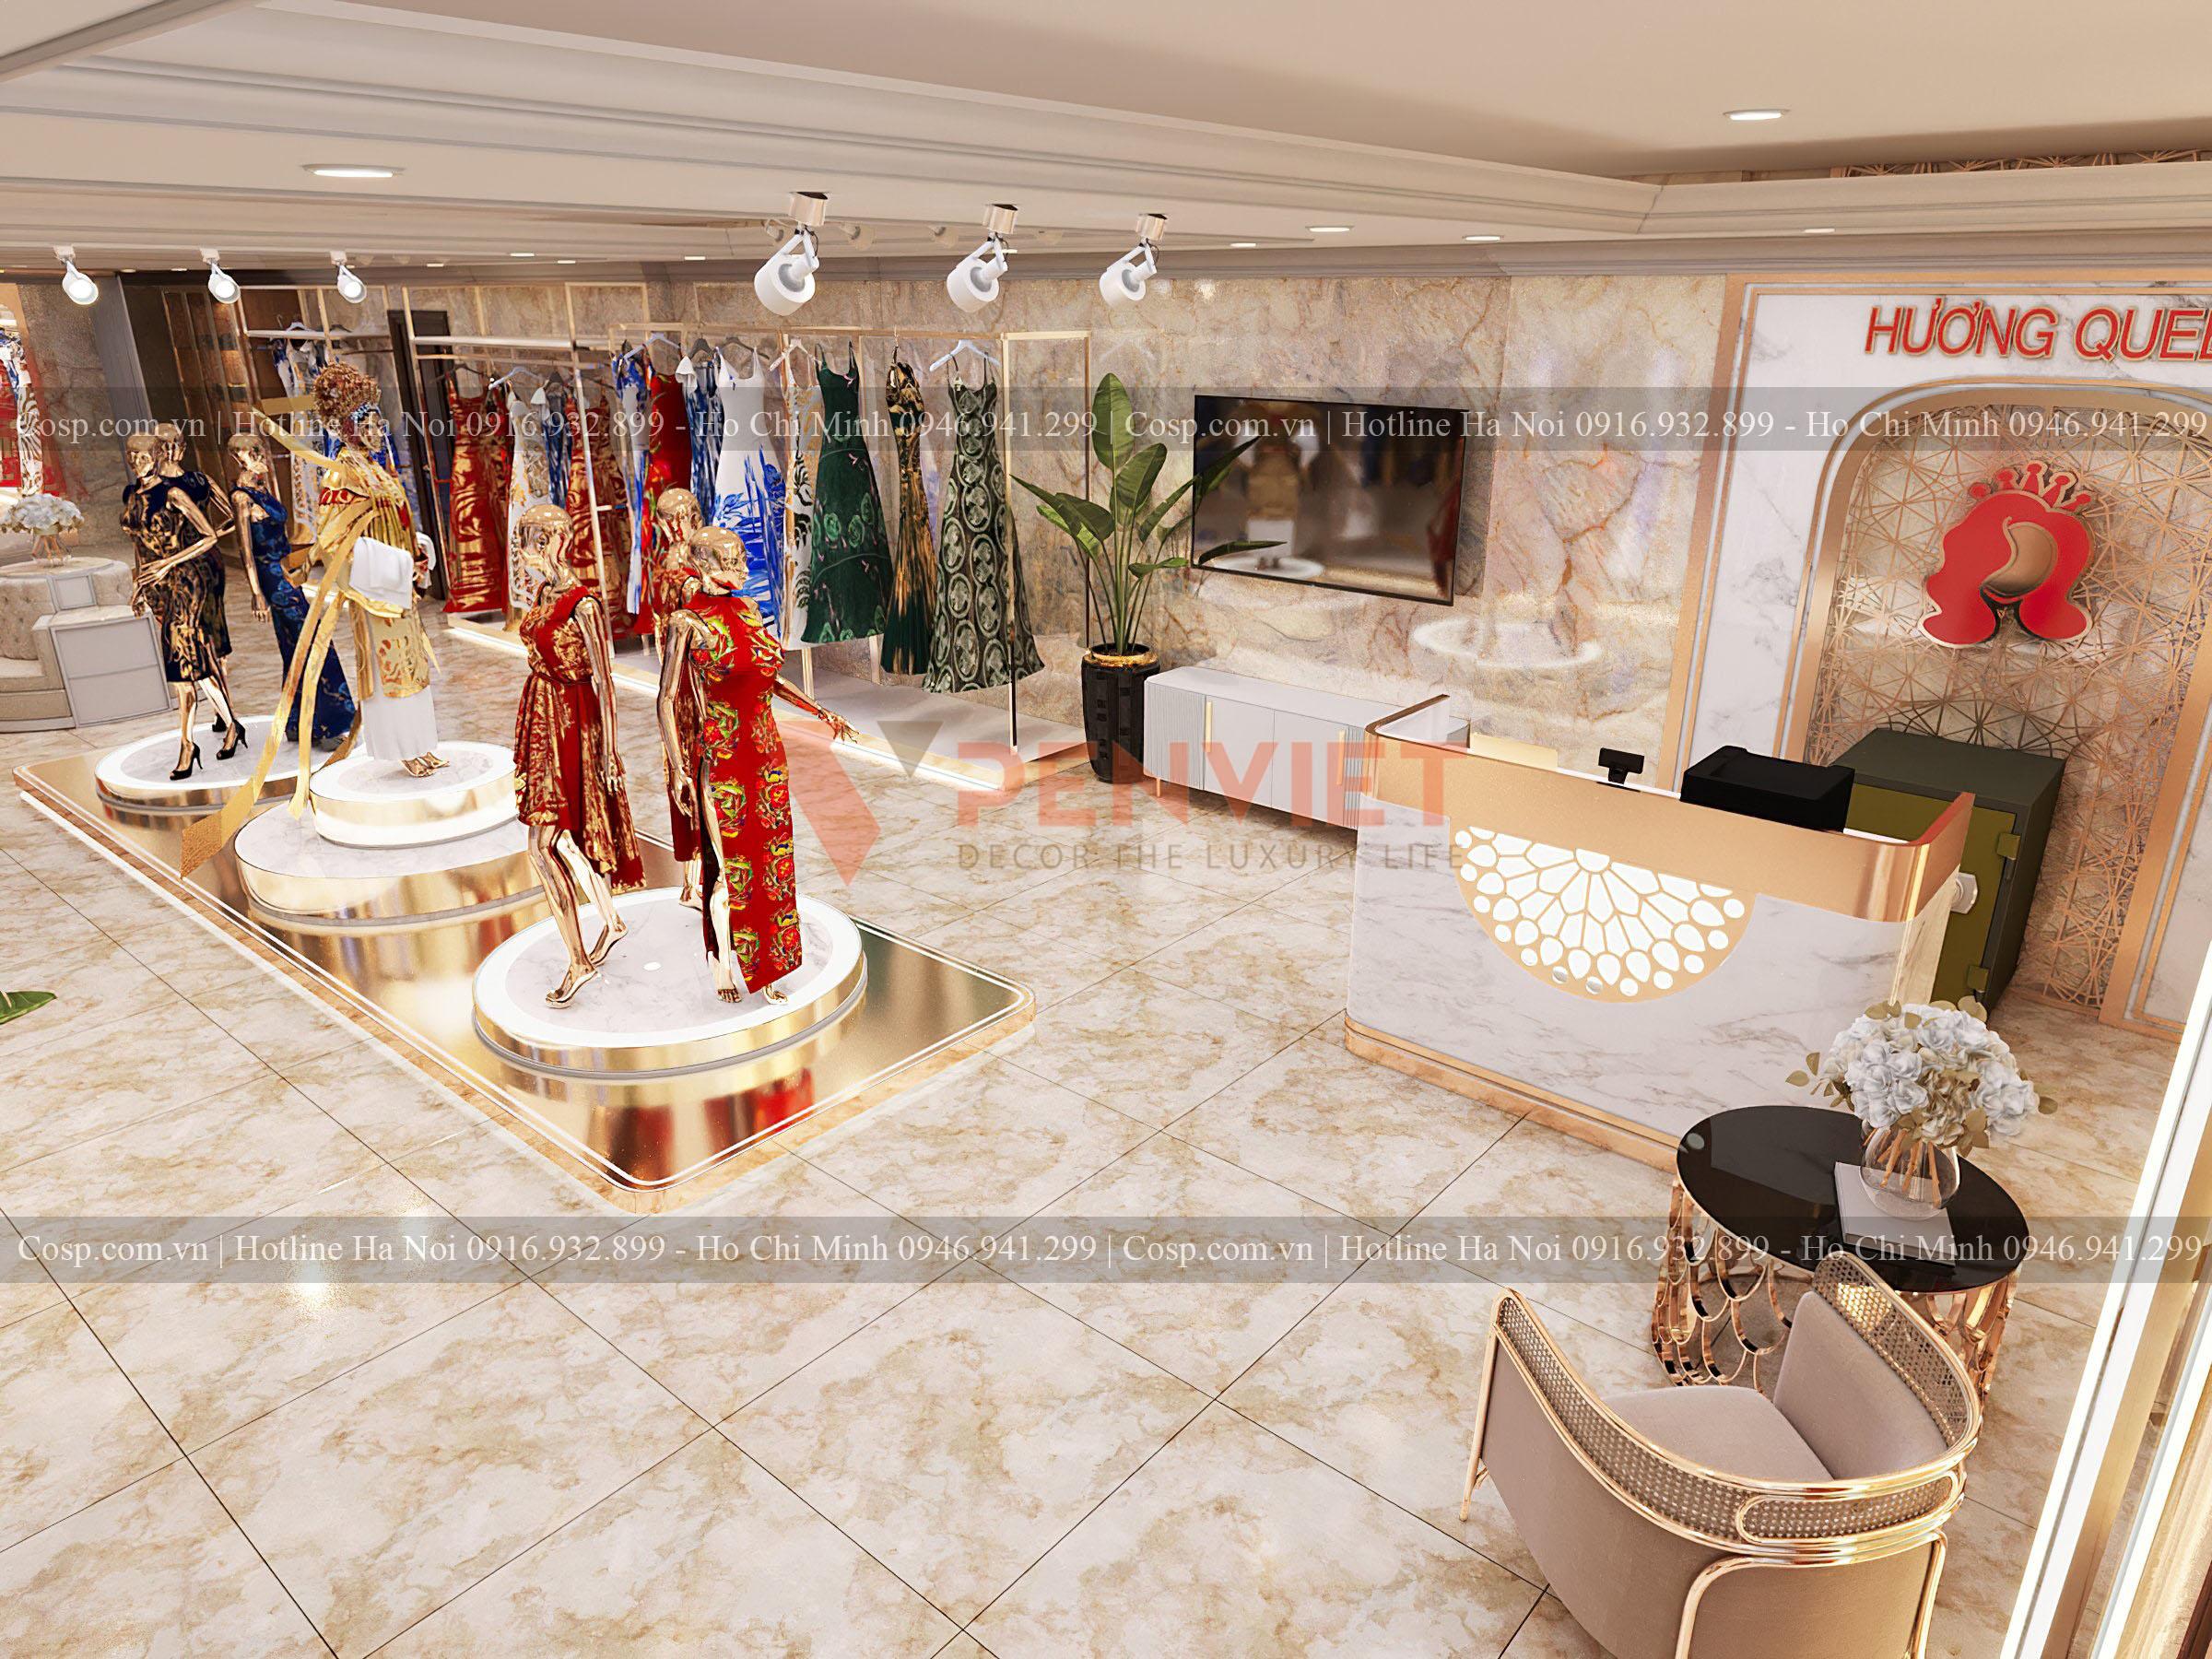 Thiết kế khu vực lễ tân và tiếp đãi khách hàng của shop áo dài Hương Queen